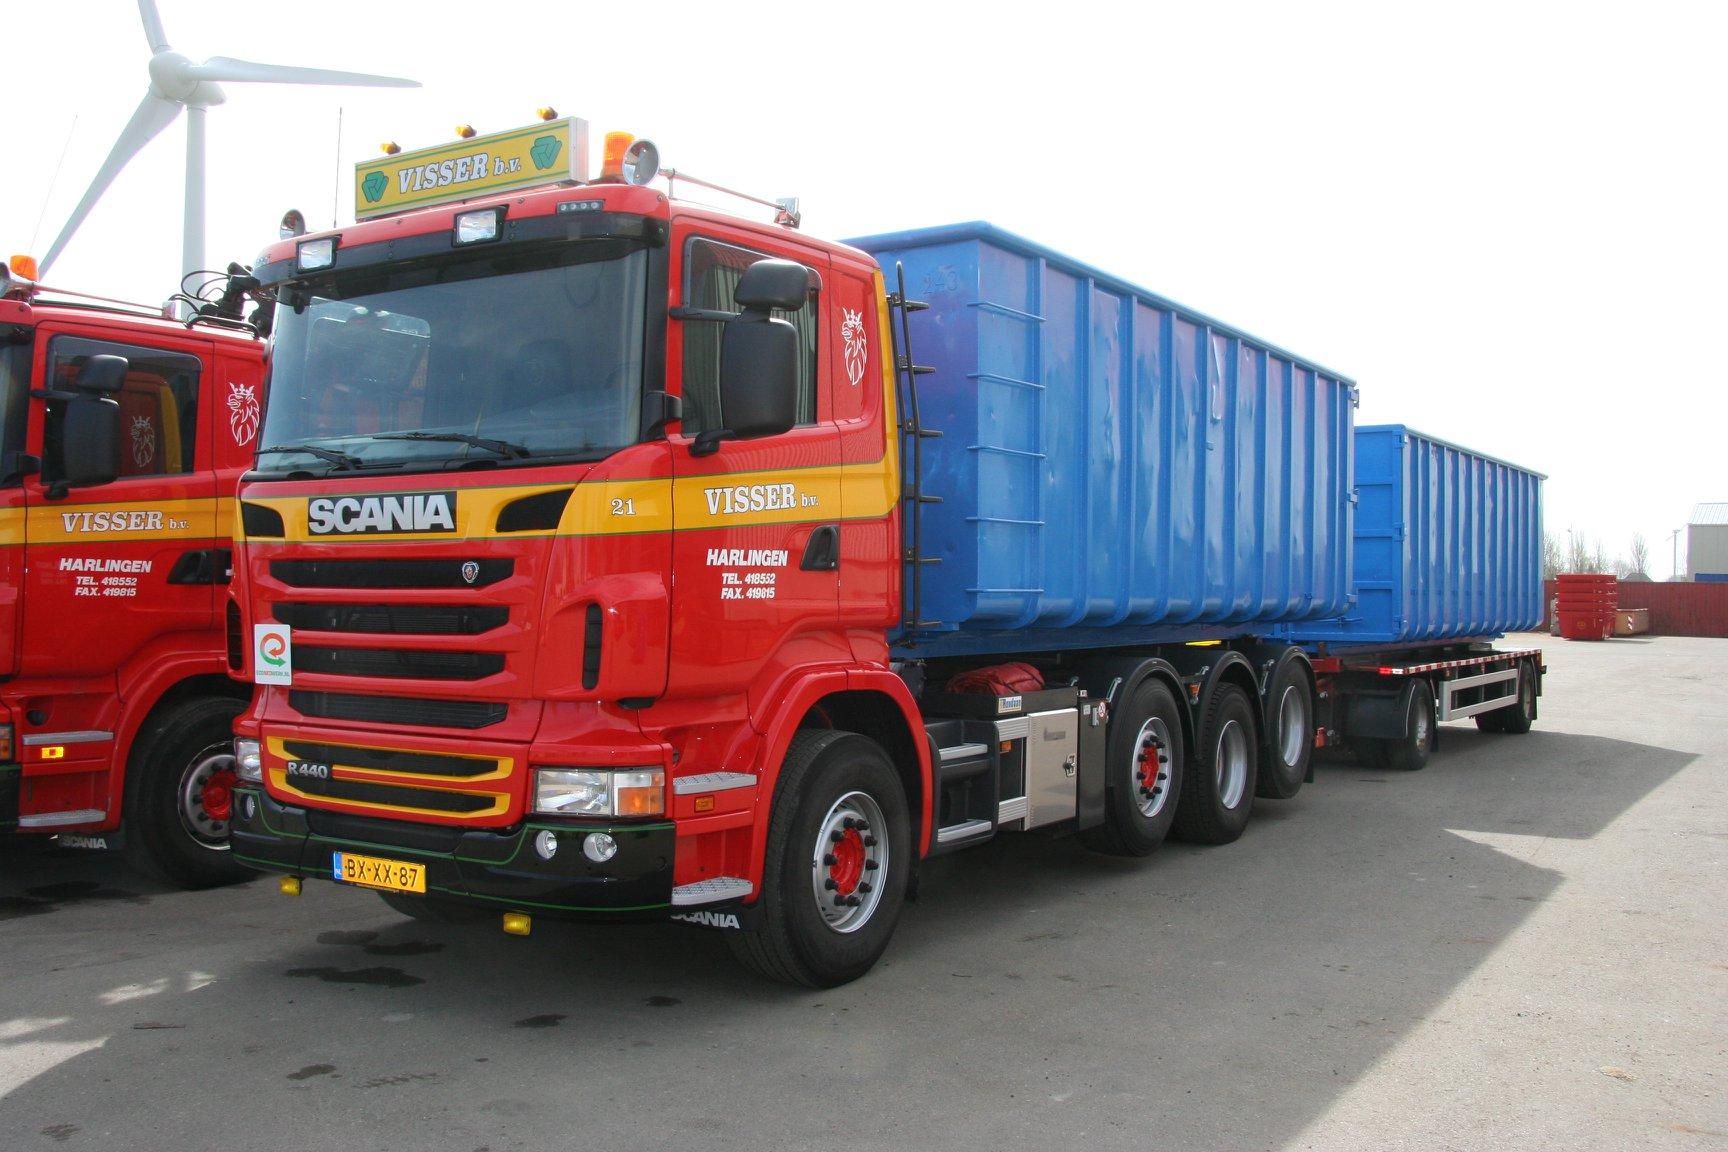 Scania-R440-2011-is-een-NCH-kabelsysteem-opgezet-en-een-RAF-container-aanhangwagen-1990-zijn-gebouwd-door-Rondaan-in-Berlikum